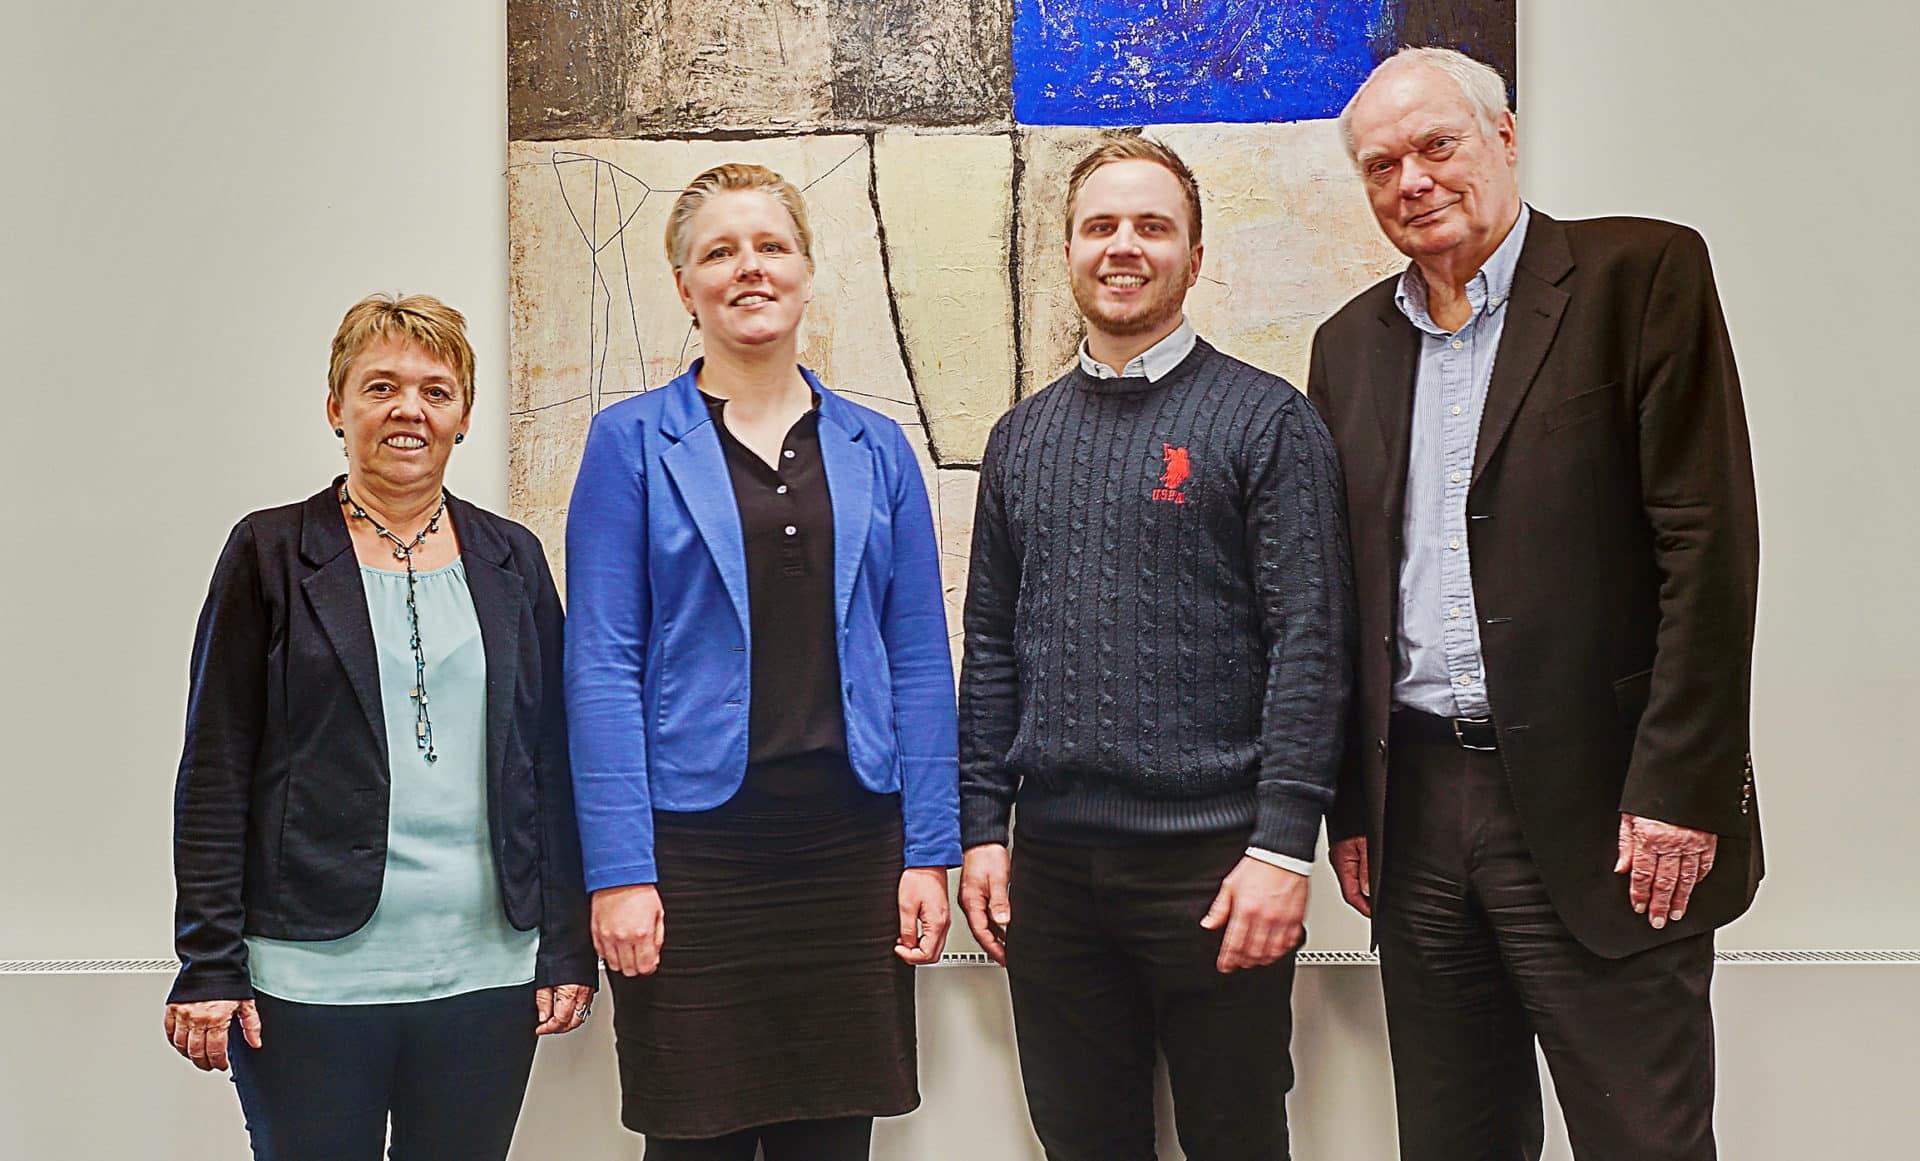 Flyvende Start For LEA Ejendomspartner I Odense: Ansætter Medarbejder Nr. Fire